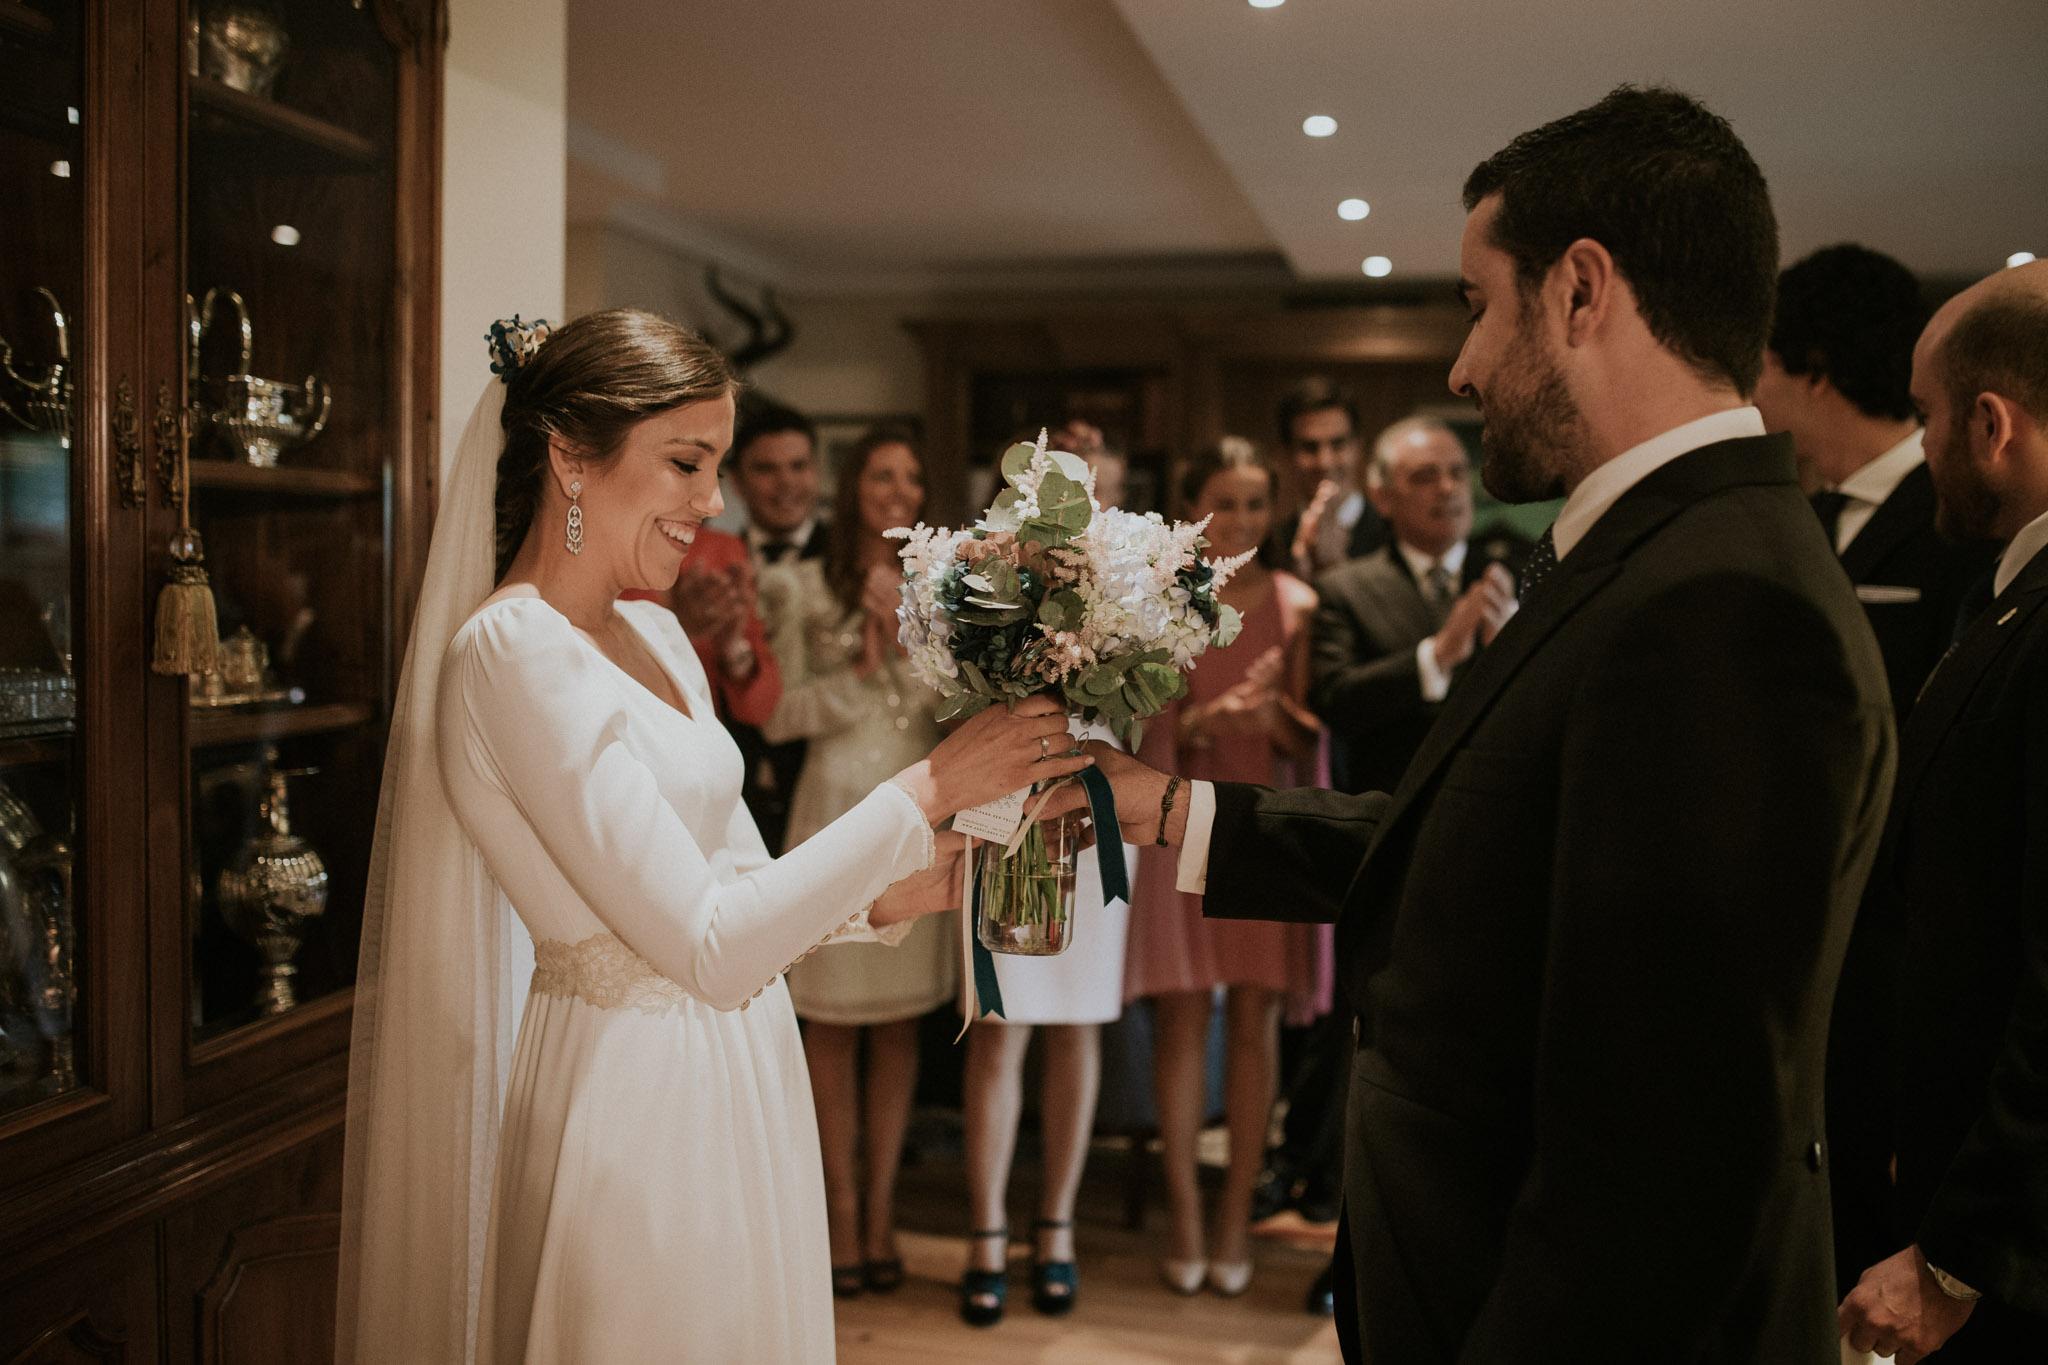 fotografia-boda-luguille-concorazon-38